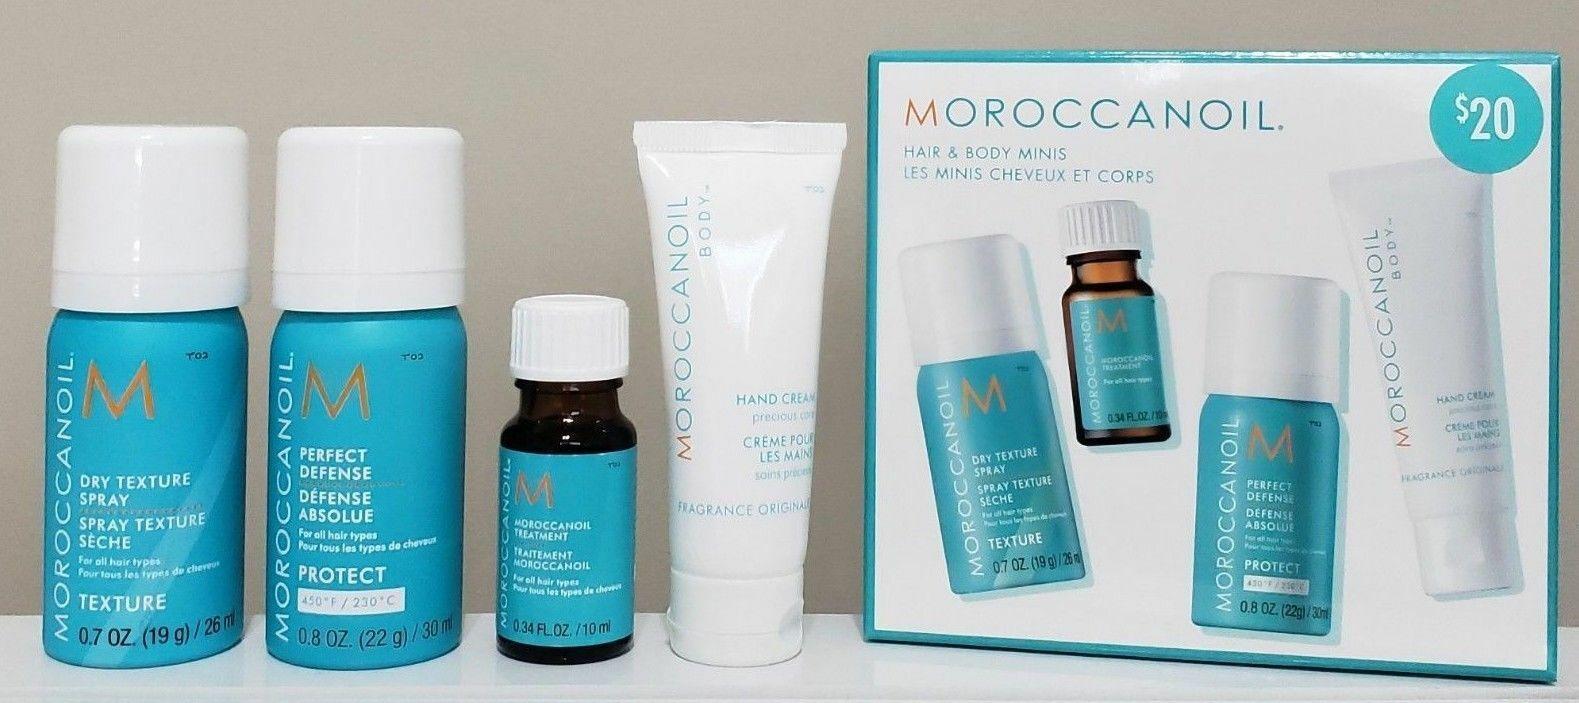 Moroccanoil Hair & Body Minis Travel KIT Set